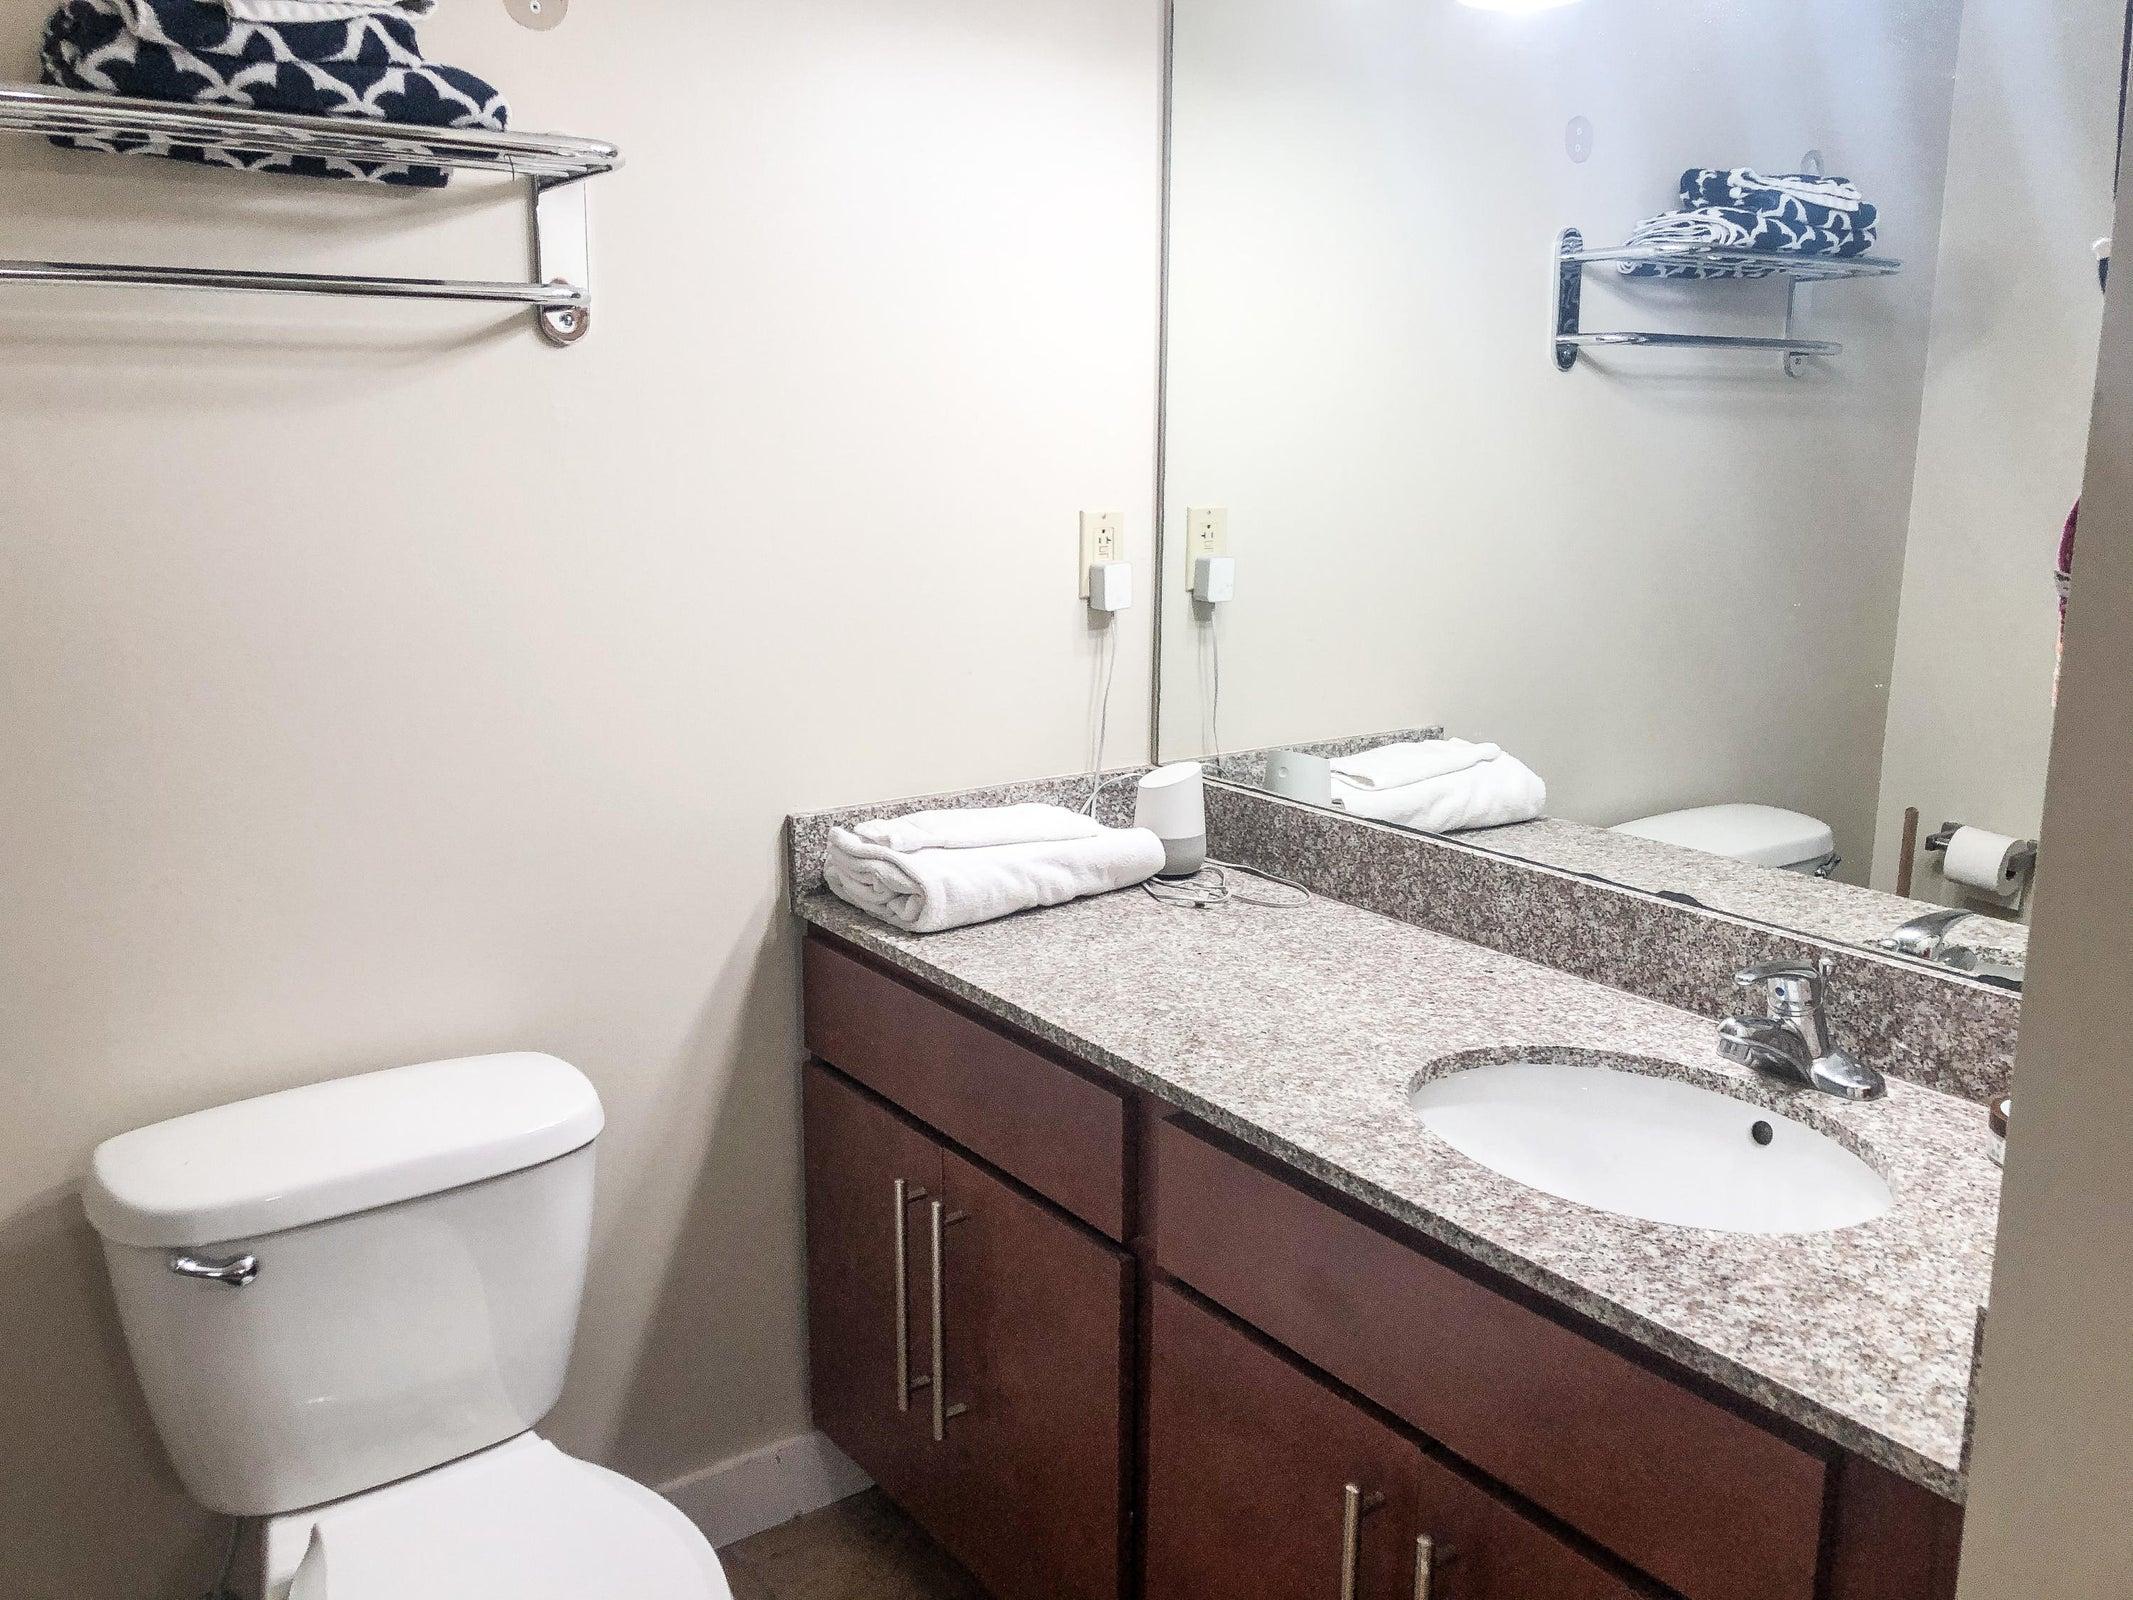 maaster bathroom